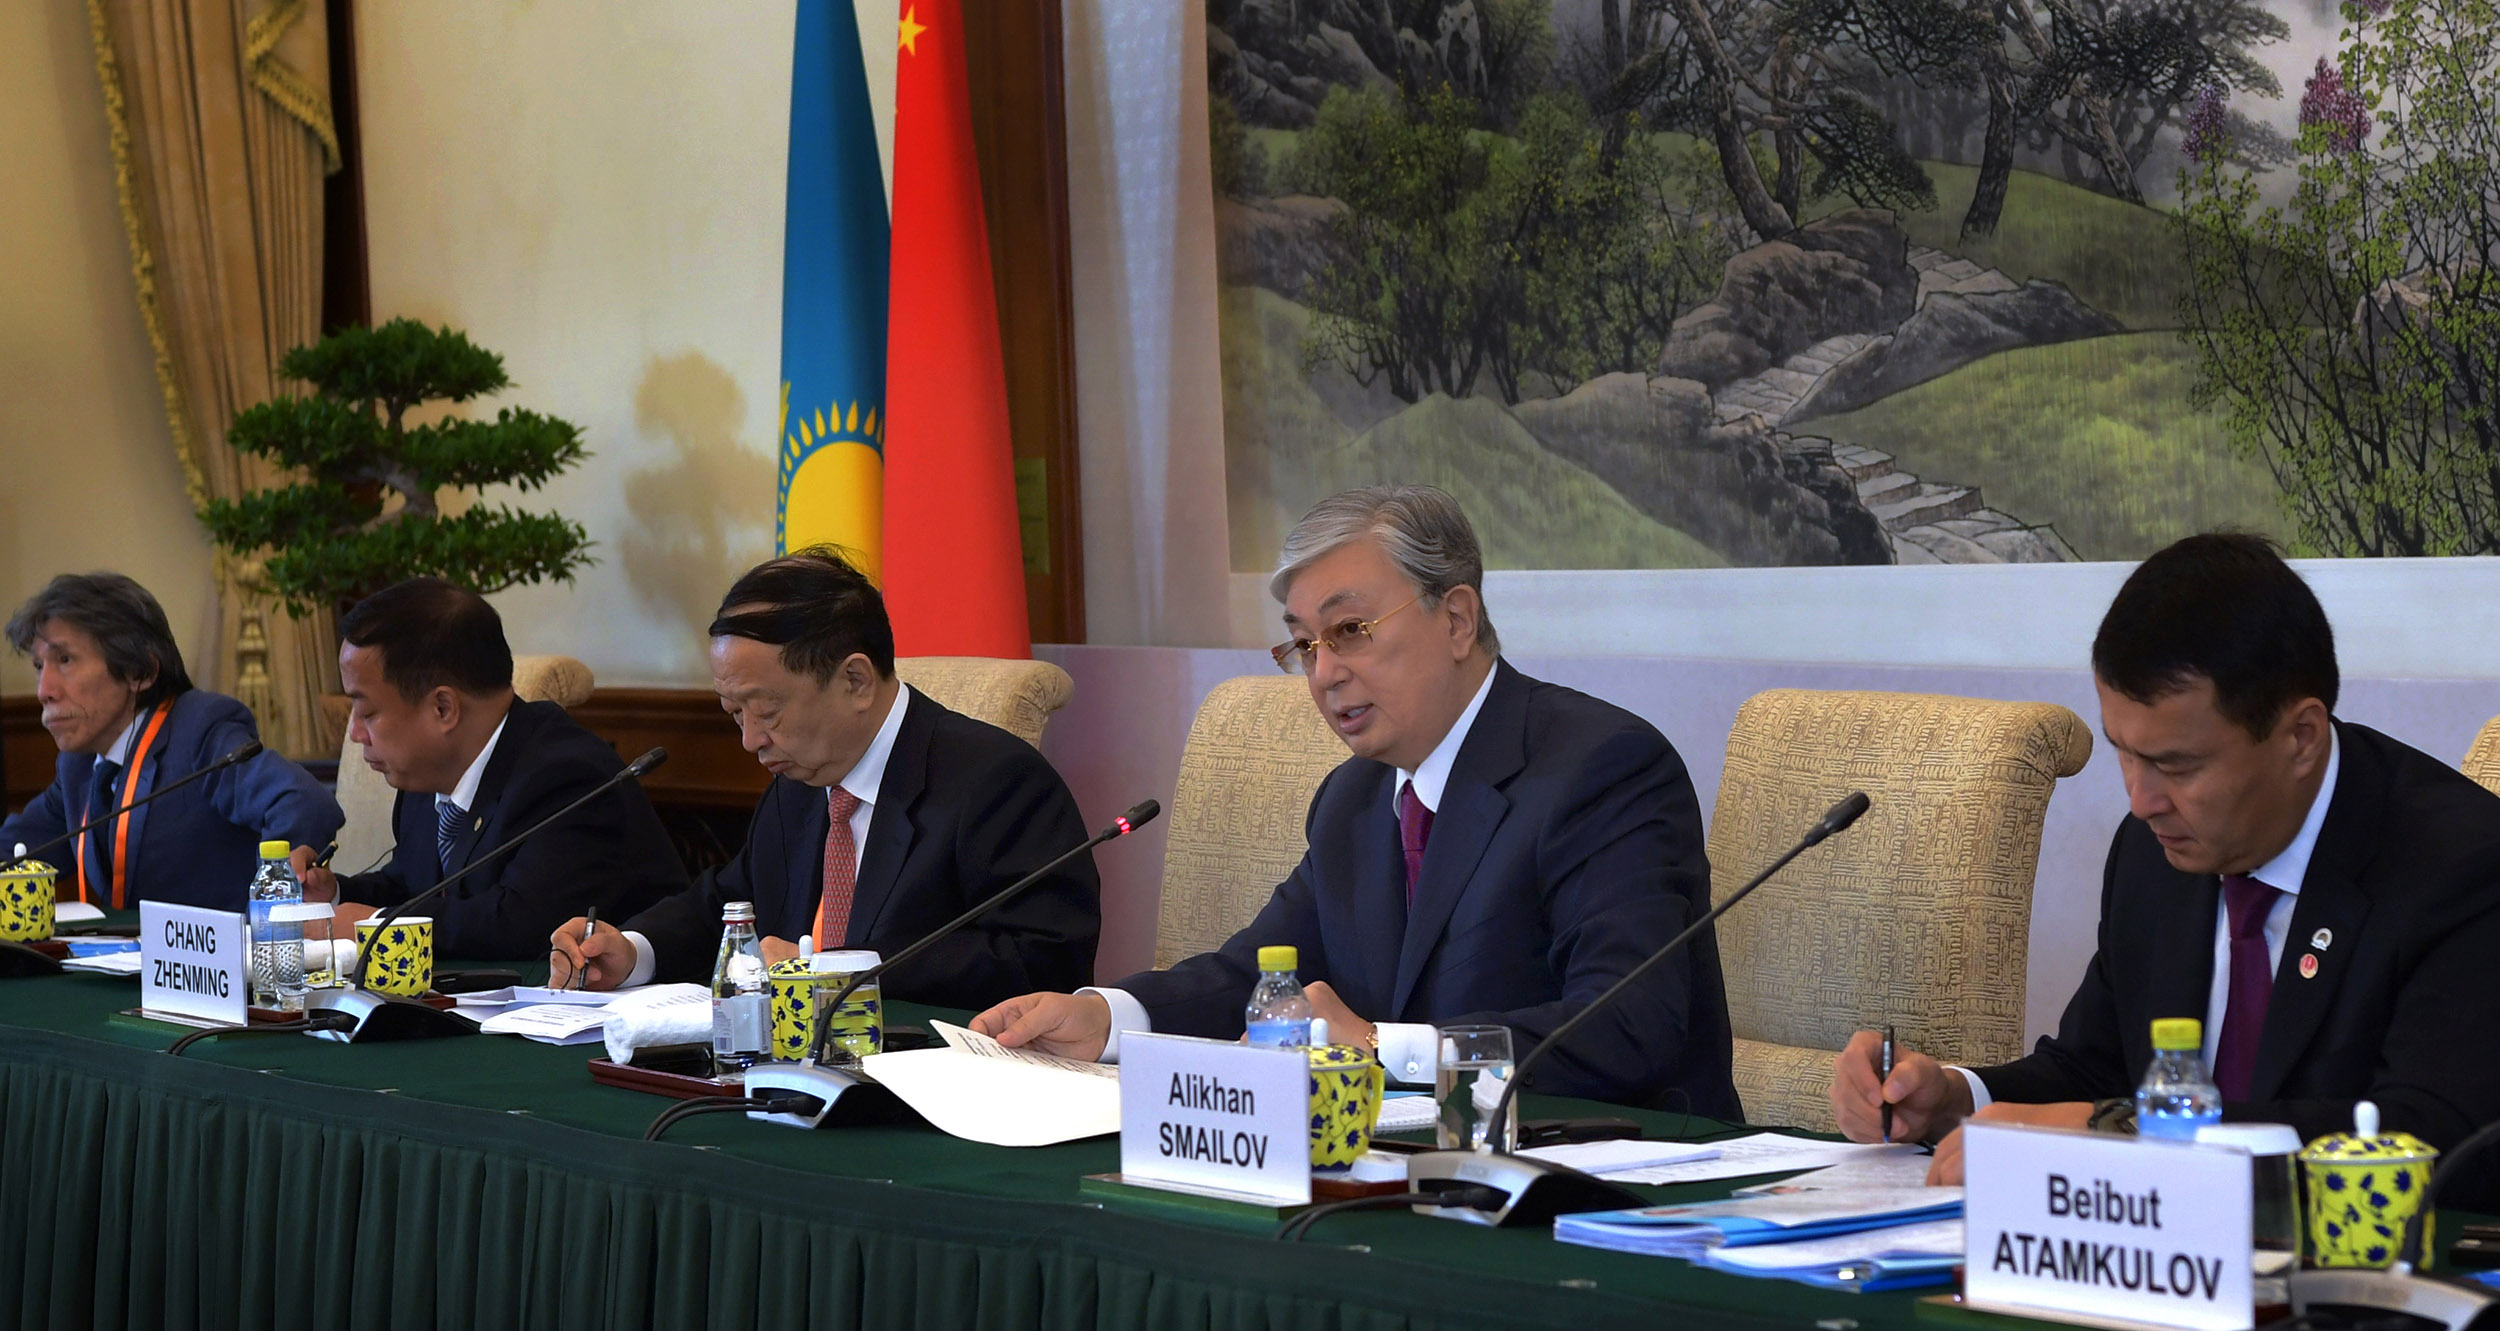 Президент Қытайдың іскерлік ортасын Қазақстанда туристік орталықтар салуға шақырды